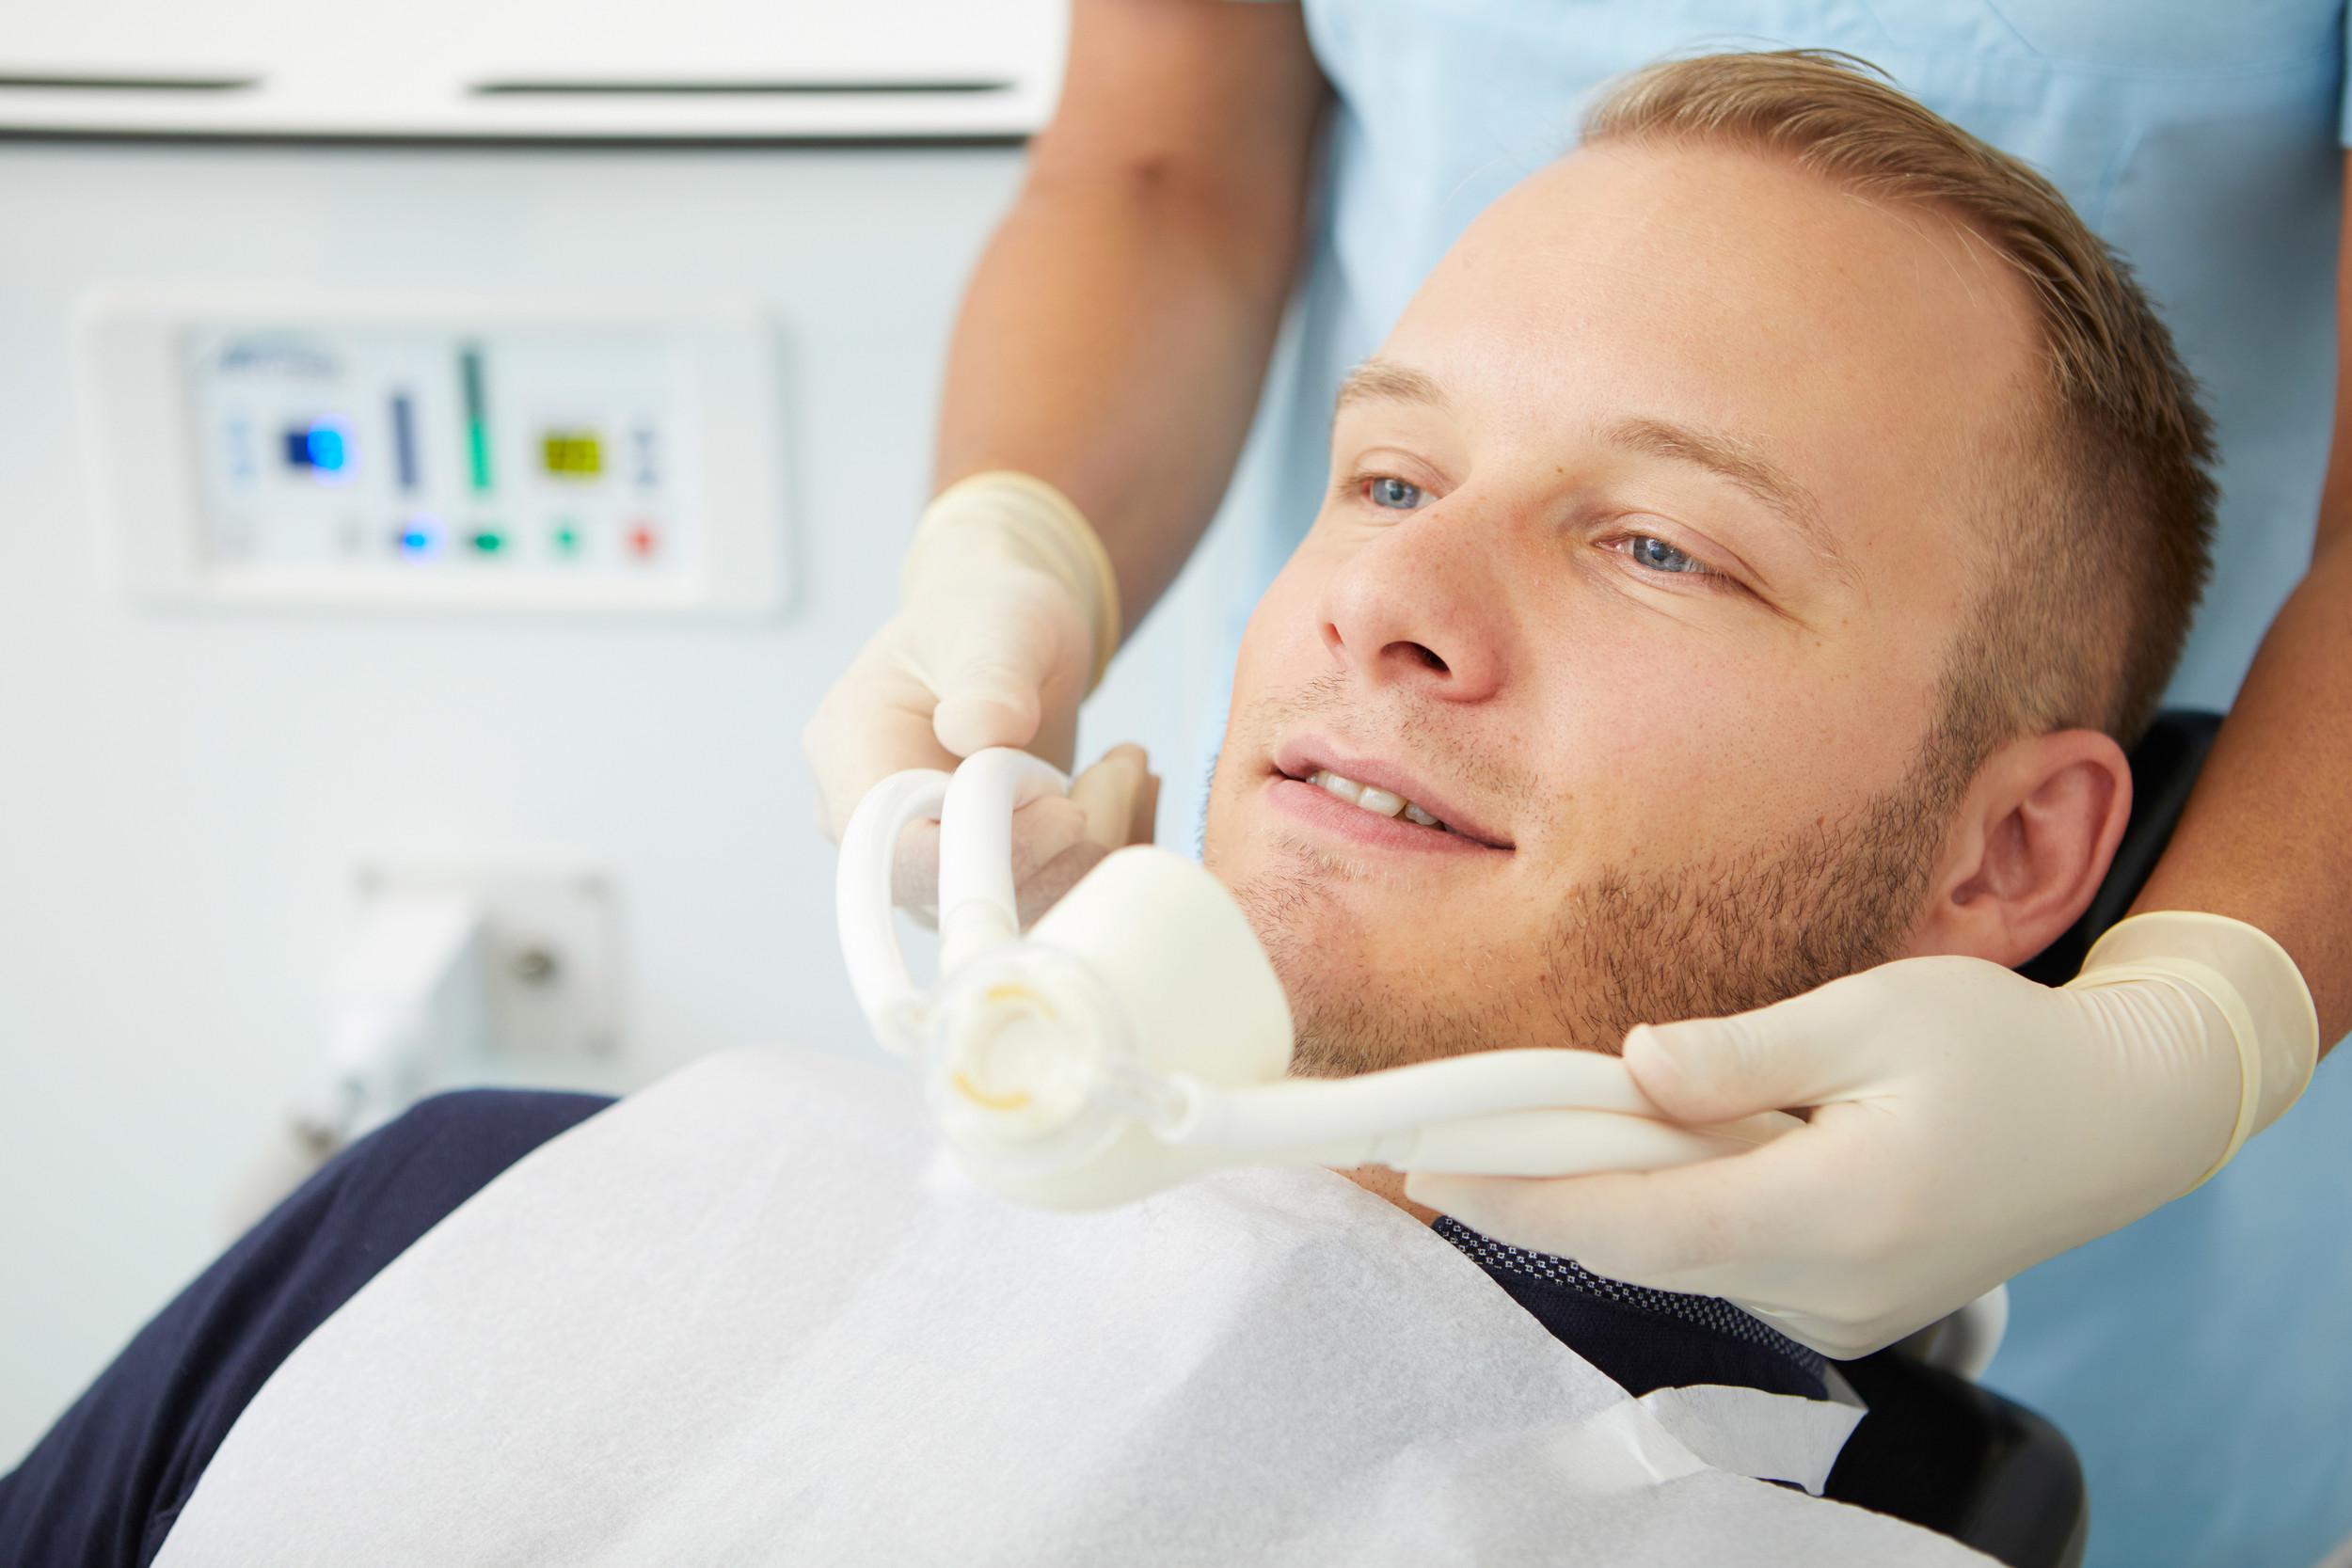 Zahnarzt Betäubung Schneller Weg